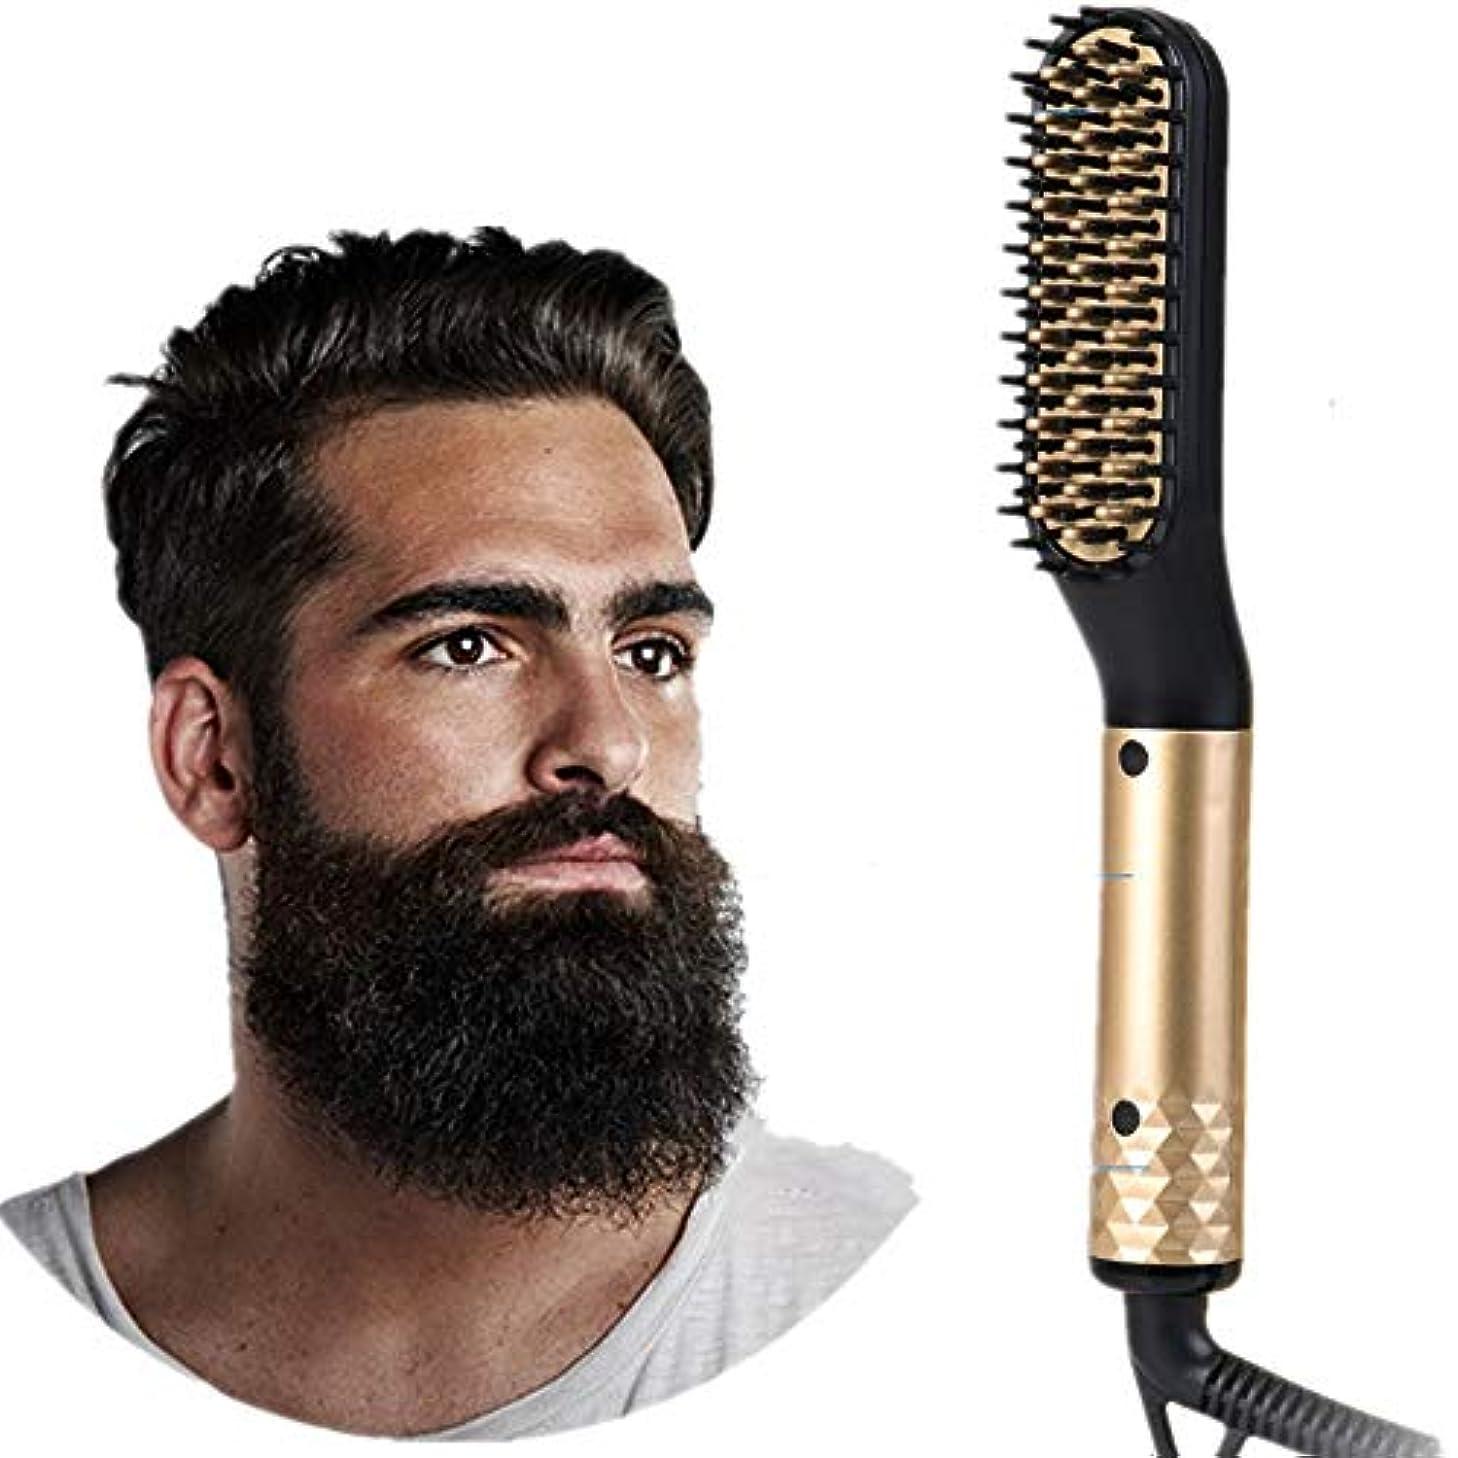 少し自治拮抗するビアードストレイテナーくしストレートヘアブラシ電気温水イオンセラミック毛のストレートブラシは、より高速な暖房で、ホットツール髪フラットカーリング鉄は高速アンチ白とシェーピング